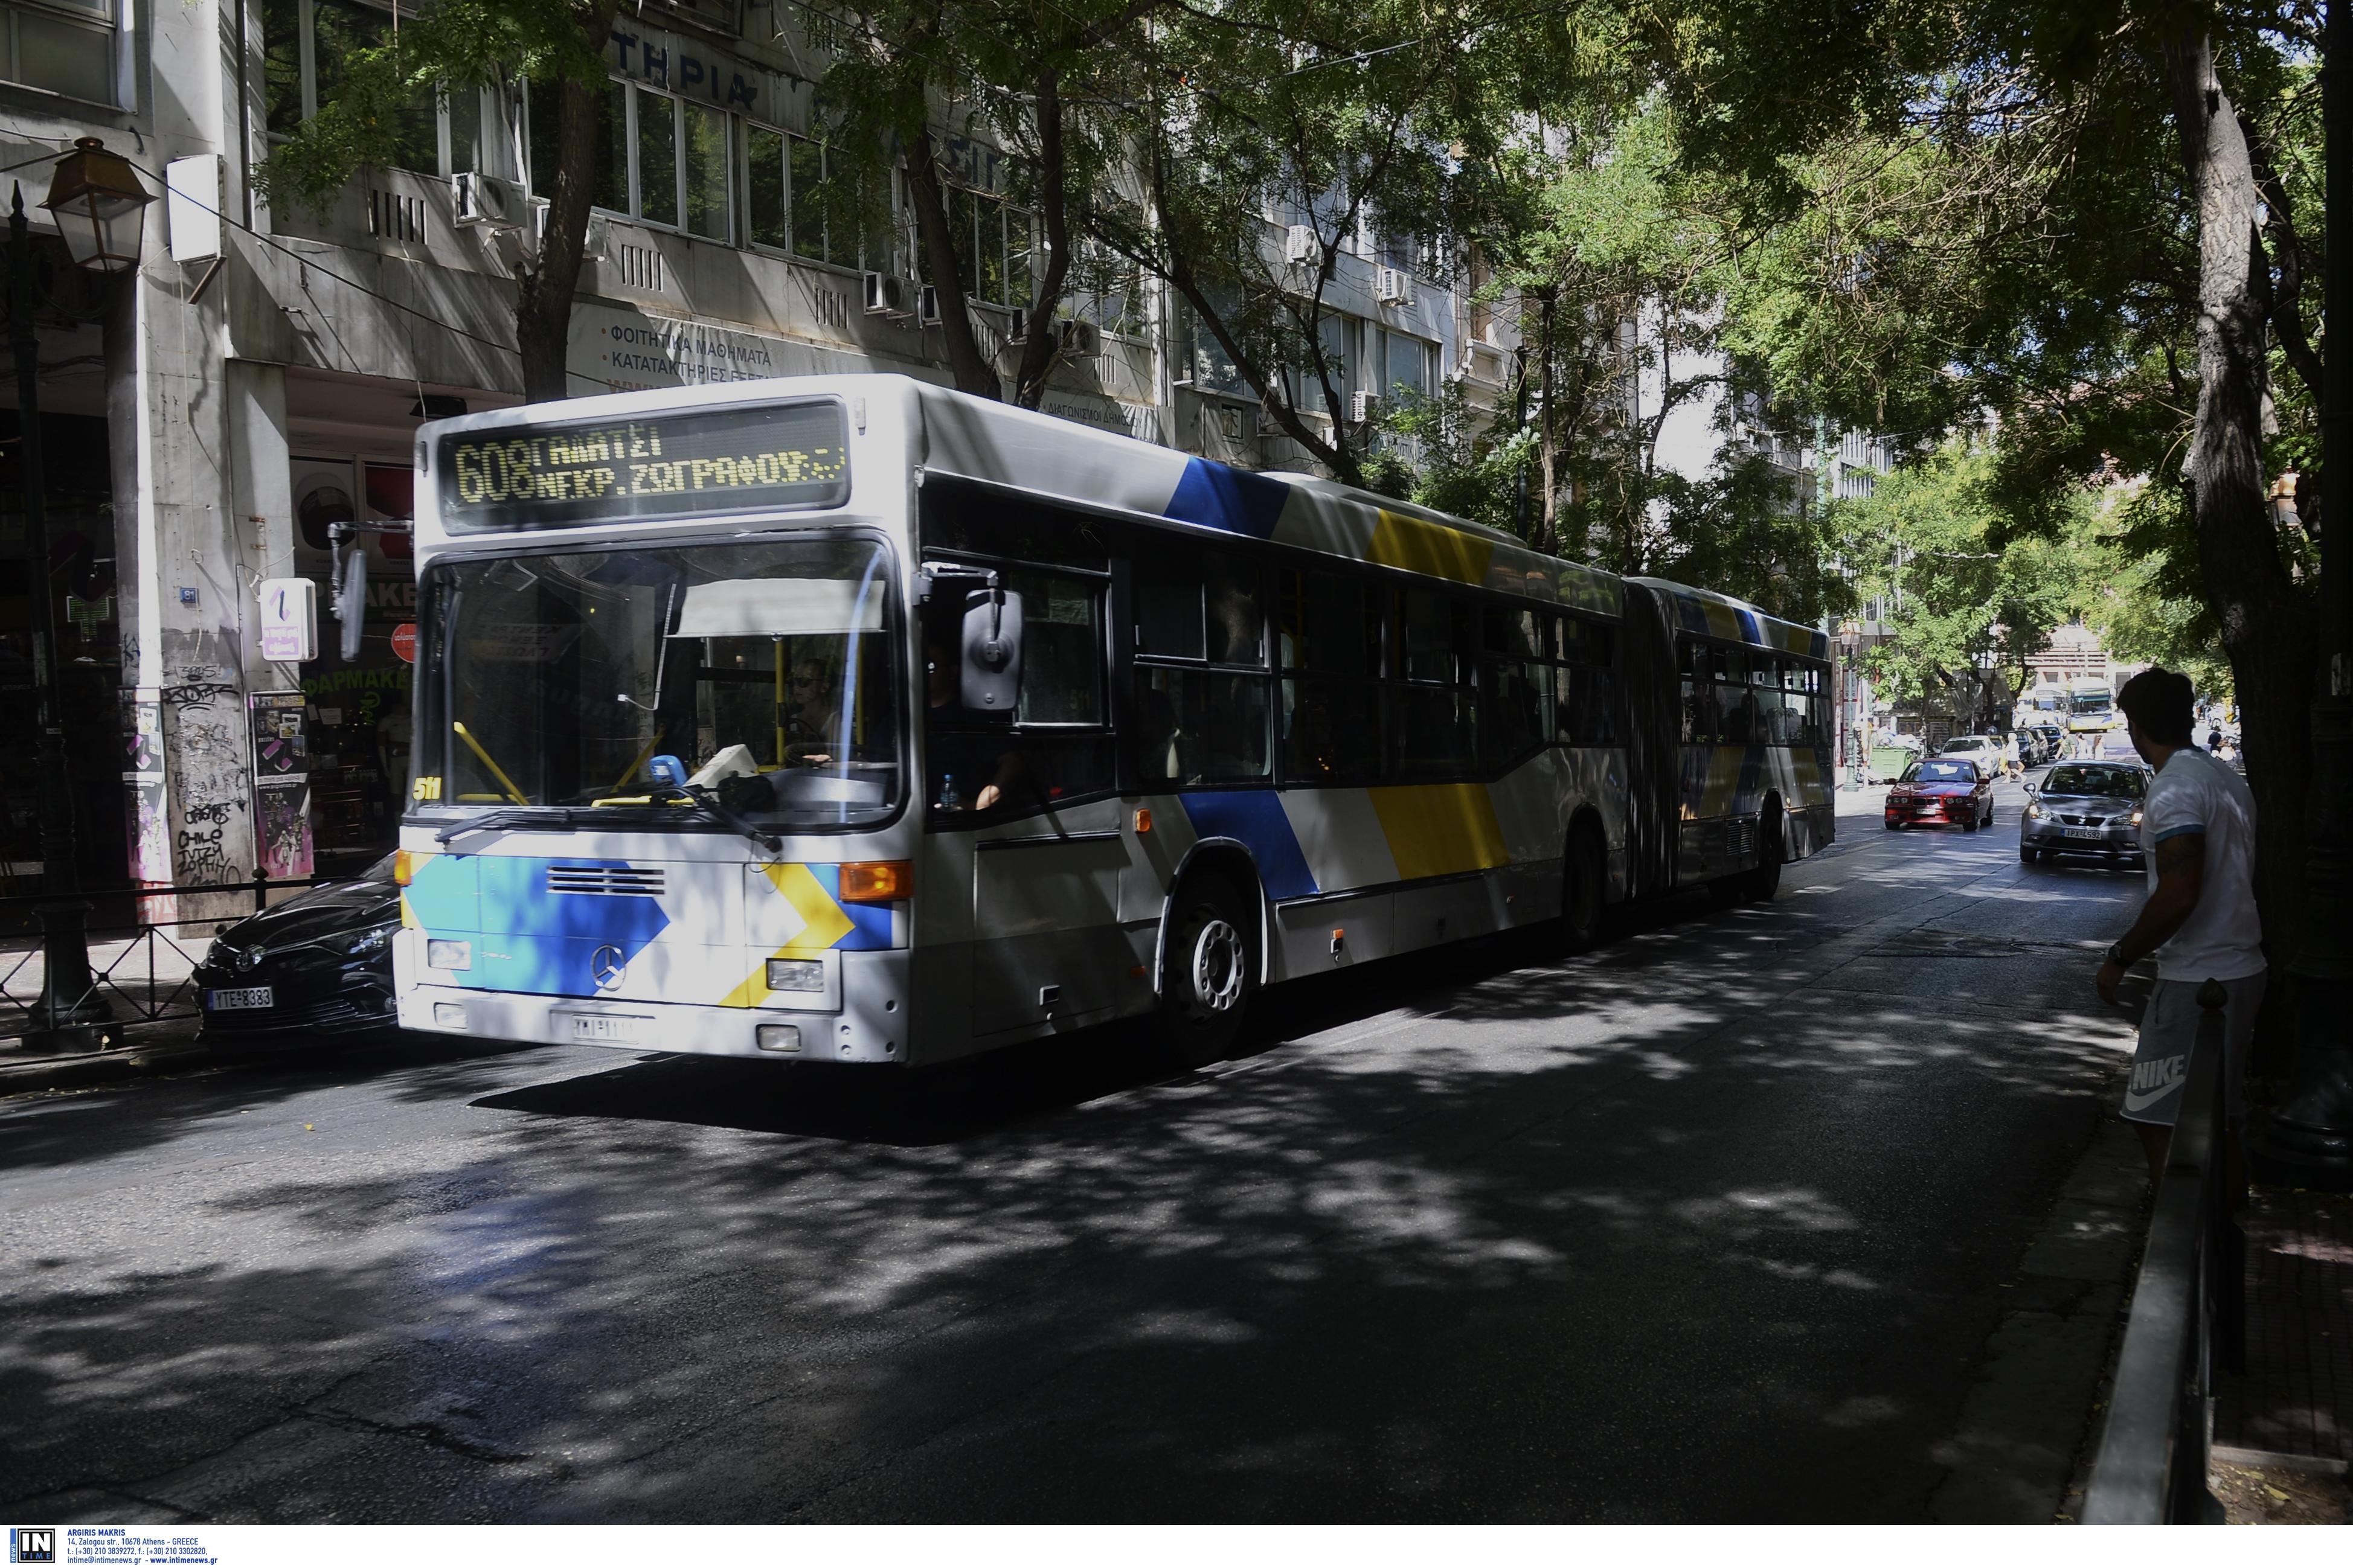 Αναβαθμίζονται οι αστικές συγκοινωνίες – Το 2023 έρχονται 700 νέα λεωφορεία